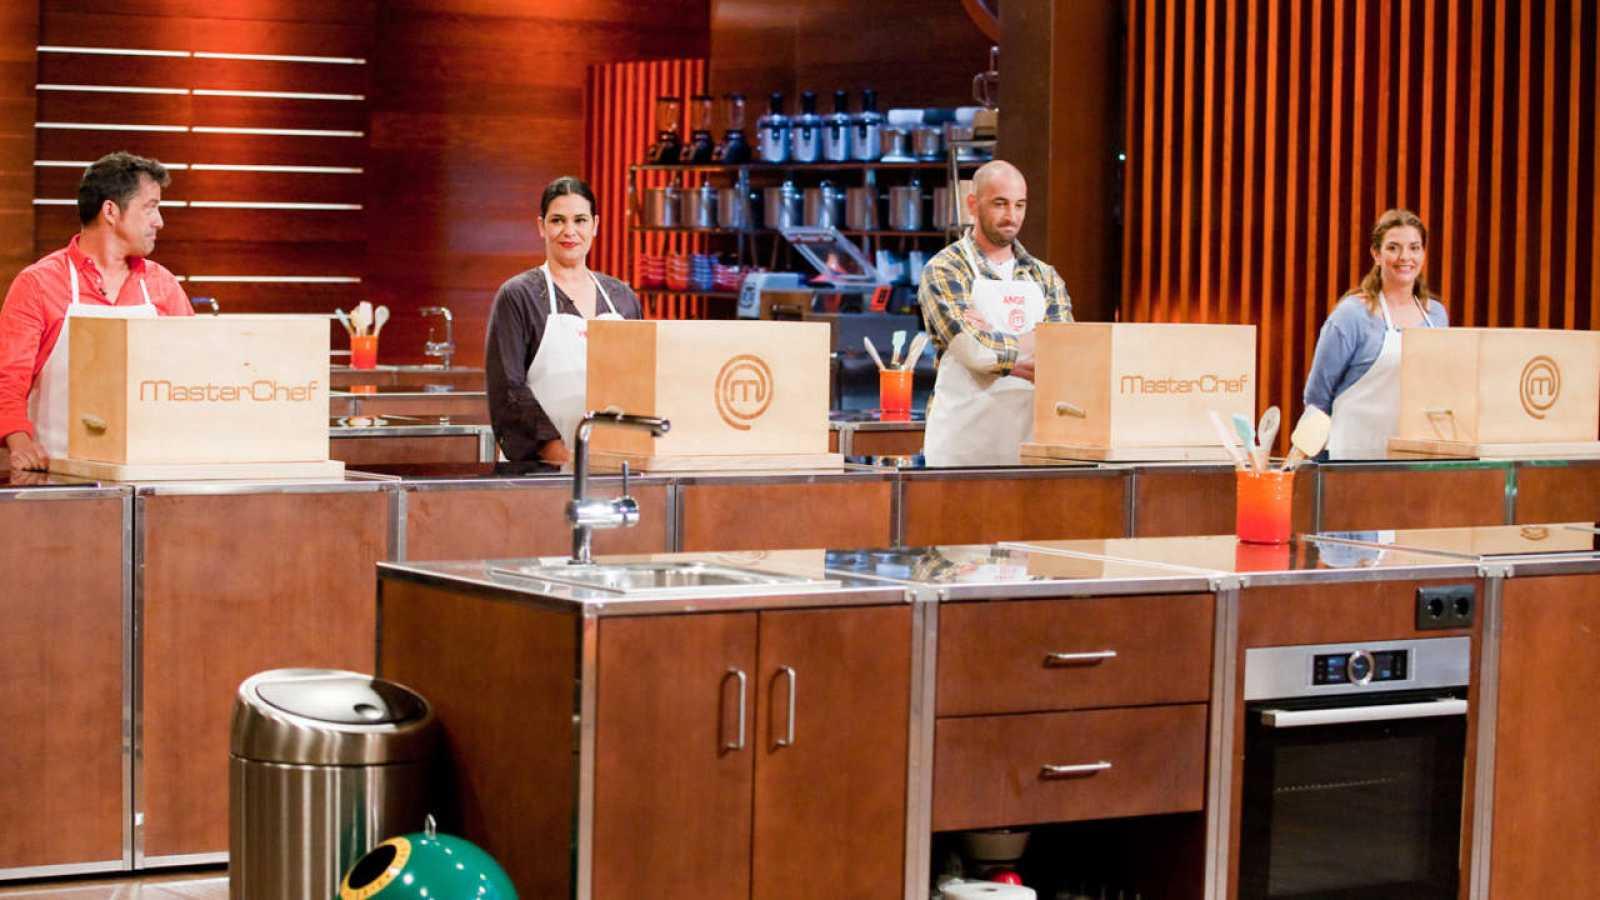 José Luis, Virginia, Ángel y Rocío son los cuatro finalista de MasterChef 4